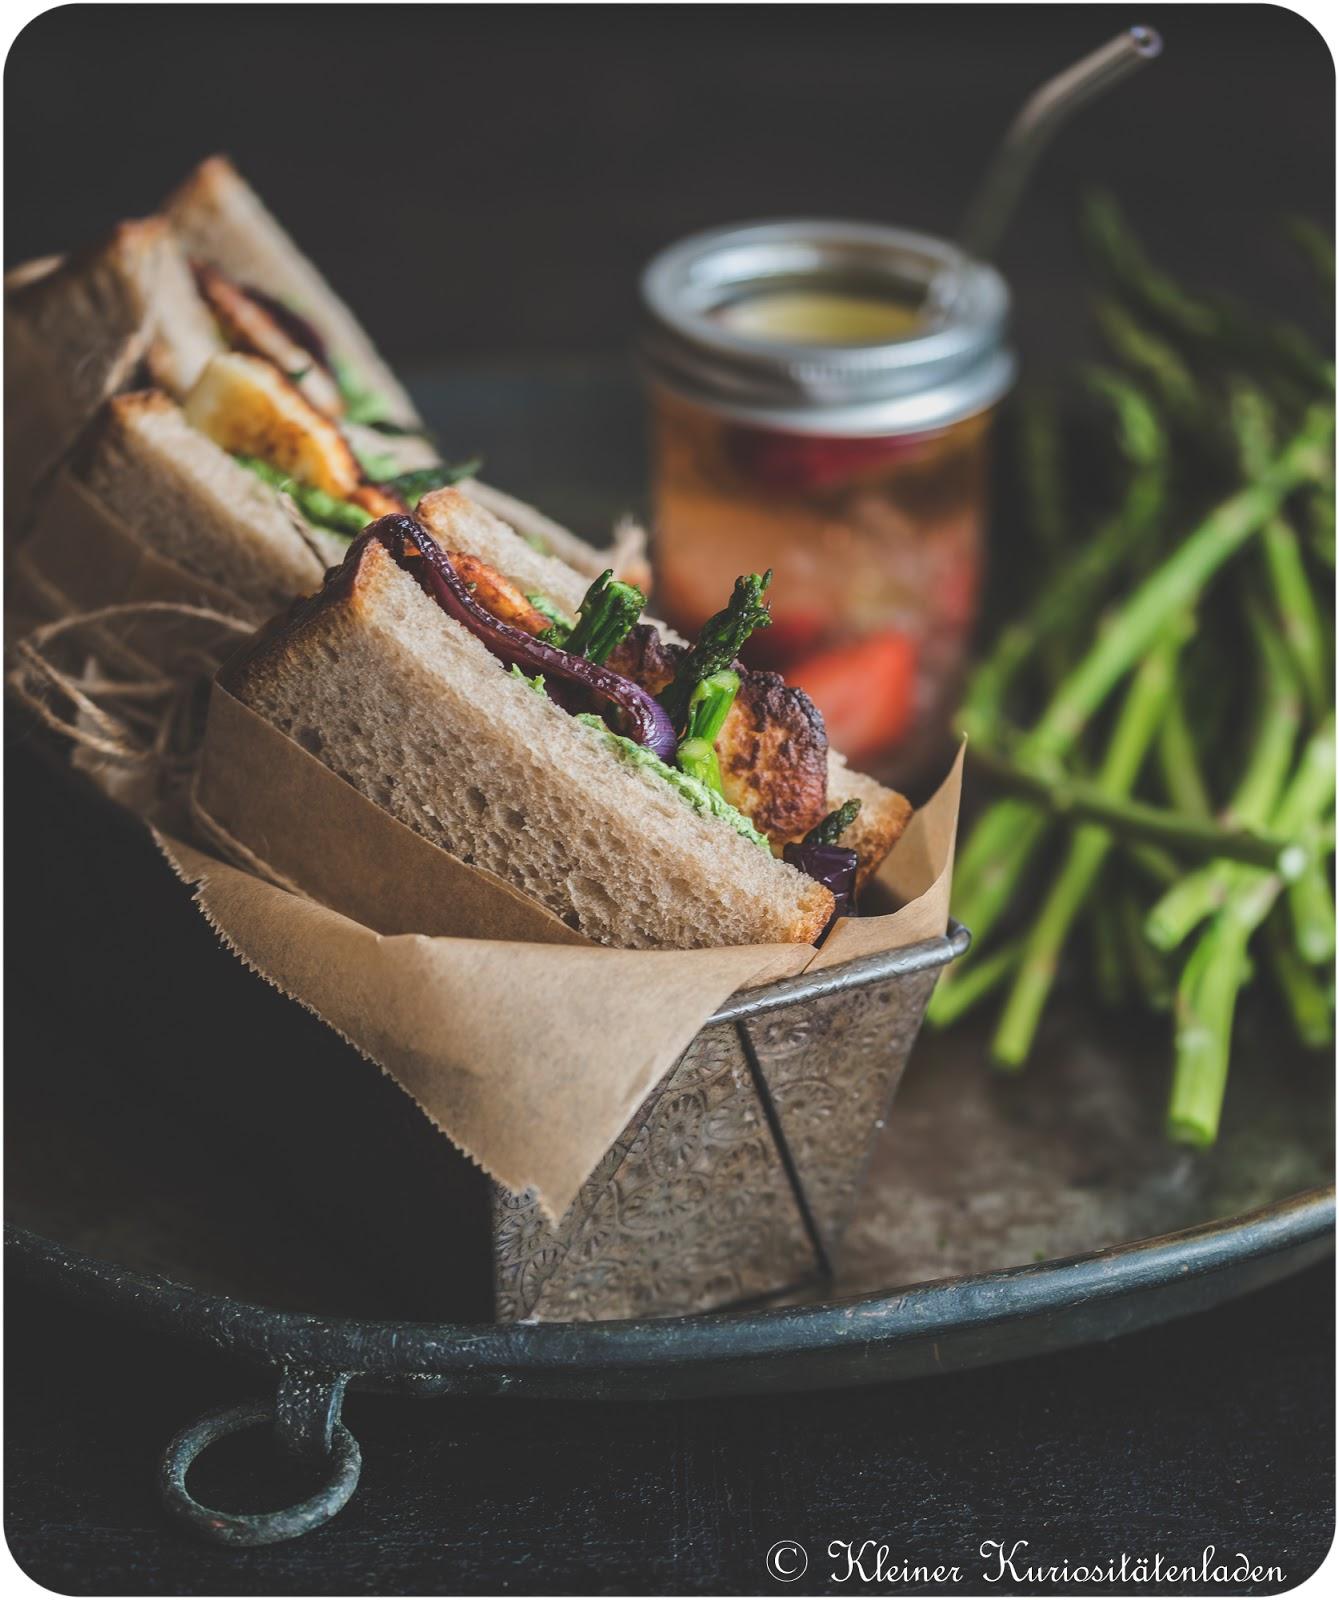 Halloumi-Sandwich mit gegrilltem Spargel und Grüner Sauce